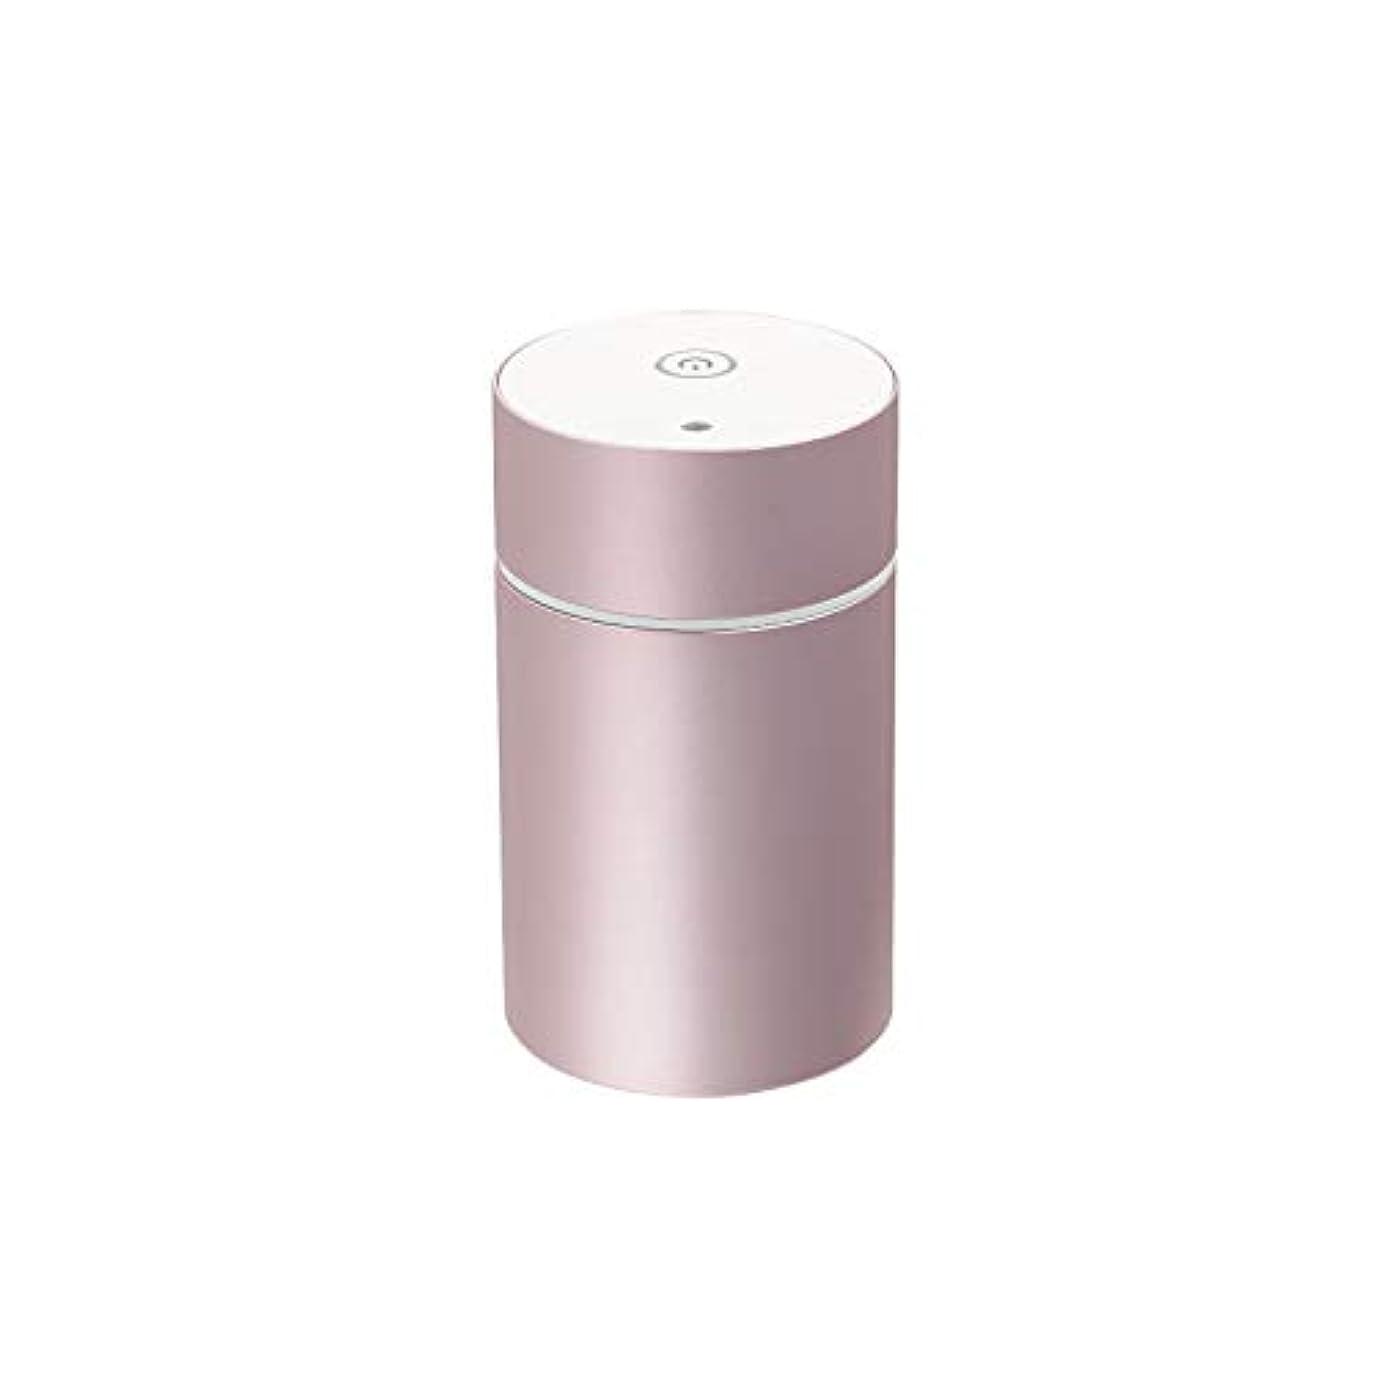 保証する活力キャビン生活の木 アロマディフューザー(ピンク)aromore mini(アロモアミニ) 08-801-7020